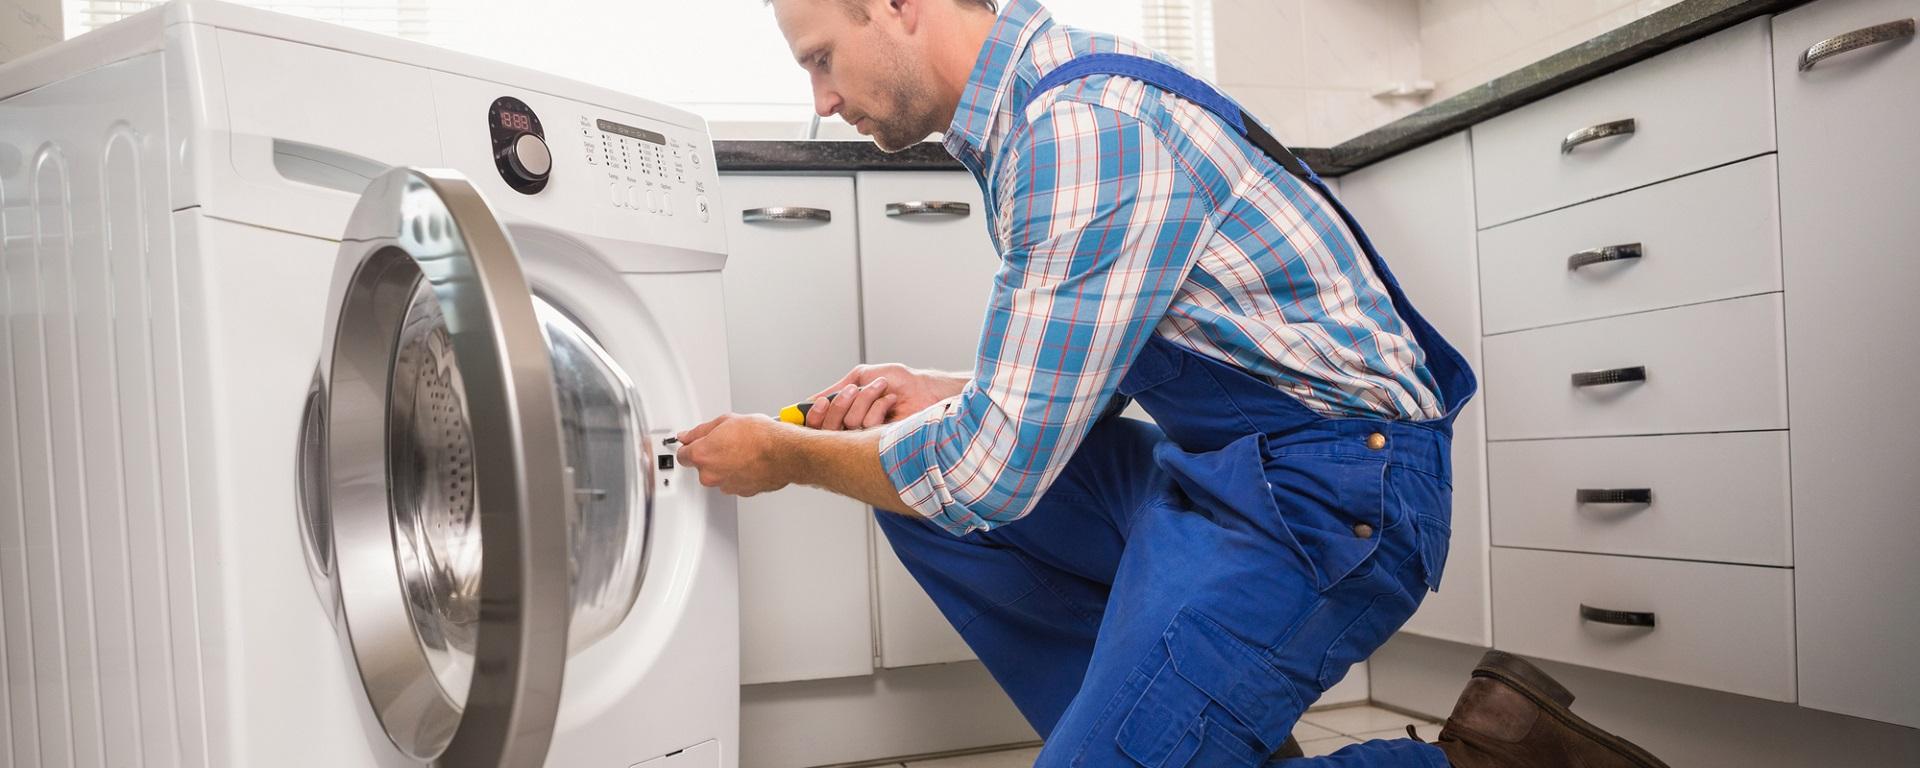 Reparaturdienst Waschmaschine Berlin umland